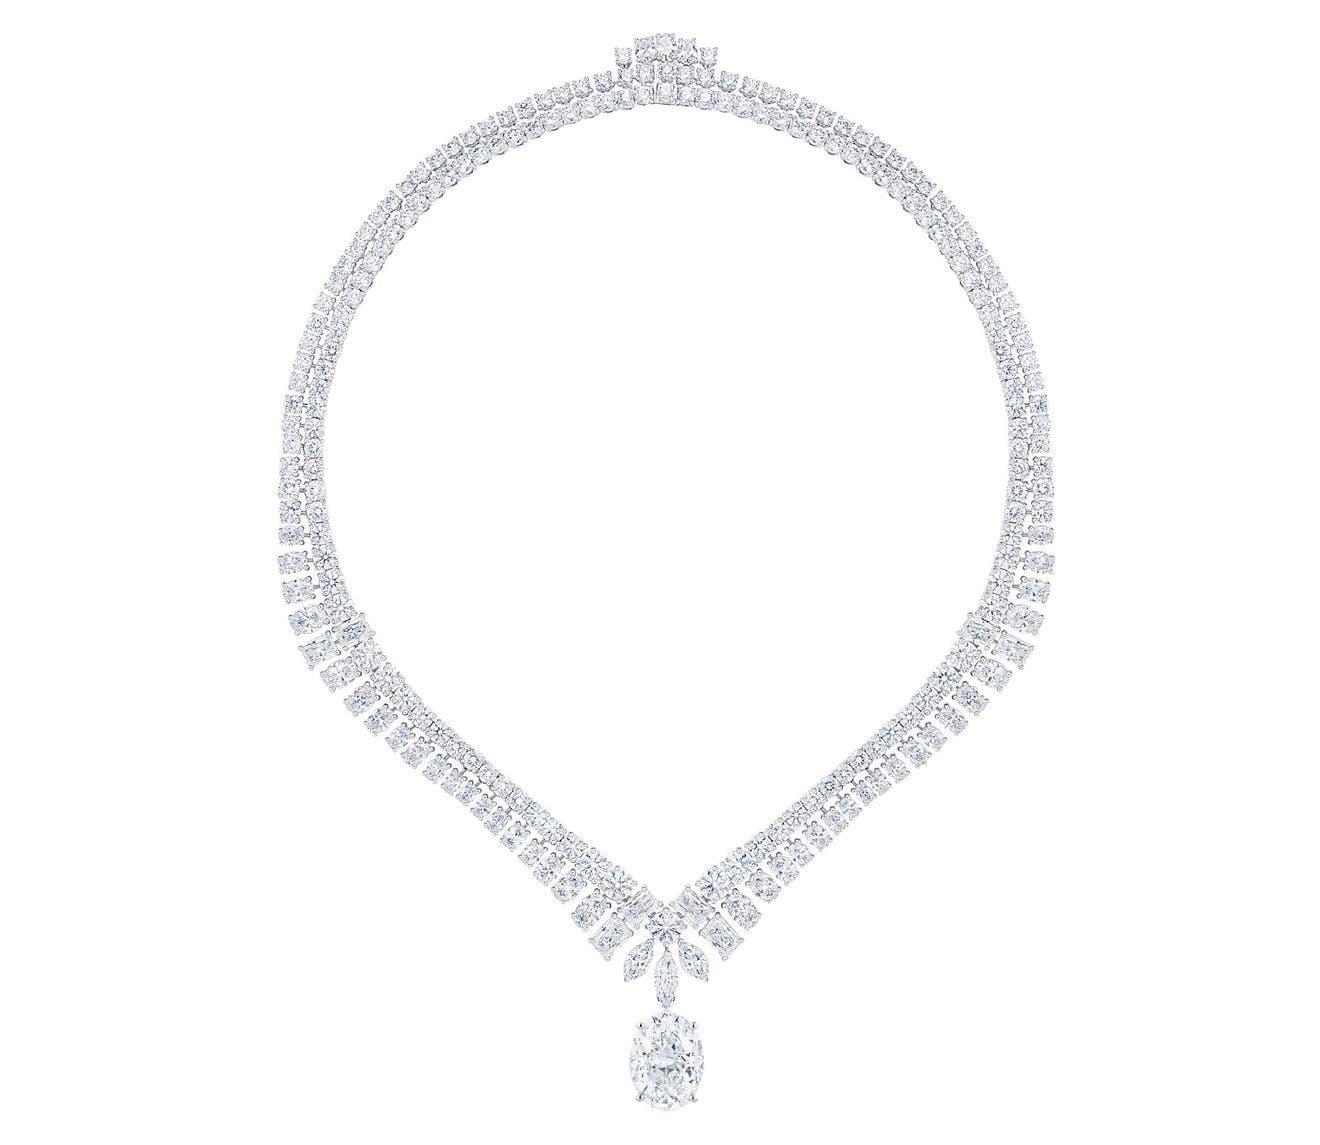 عقد مرصّع بحبات من الماس بمختلف الأشكال والأحجام من دي بيرز